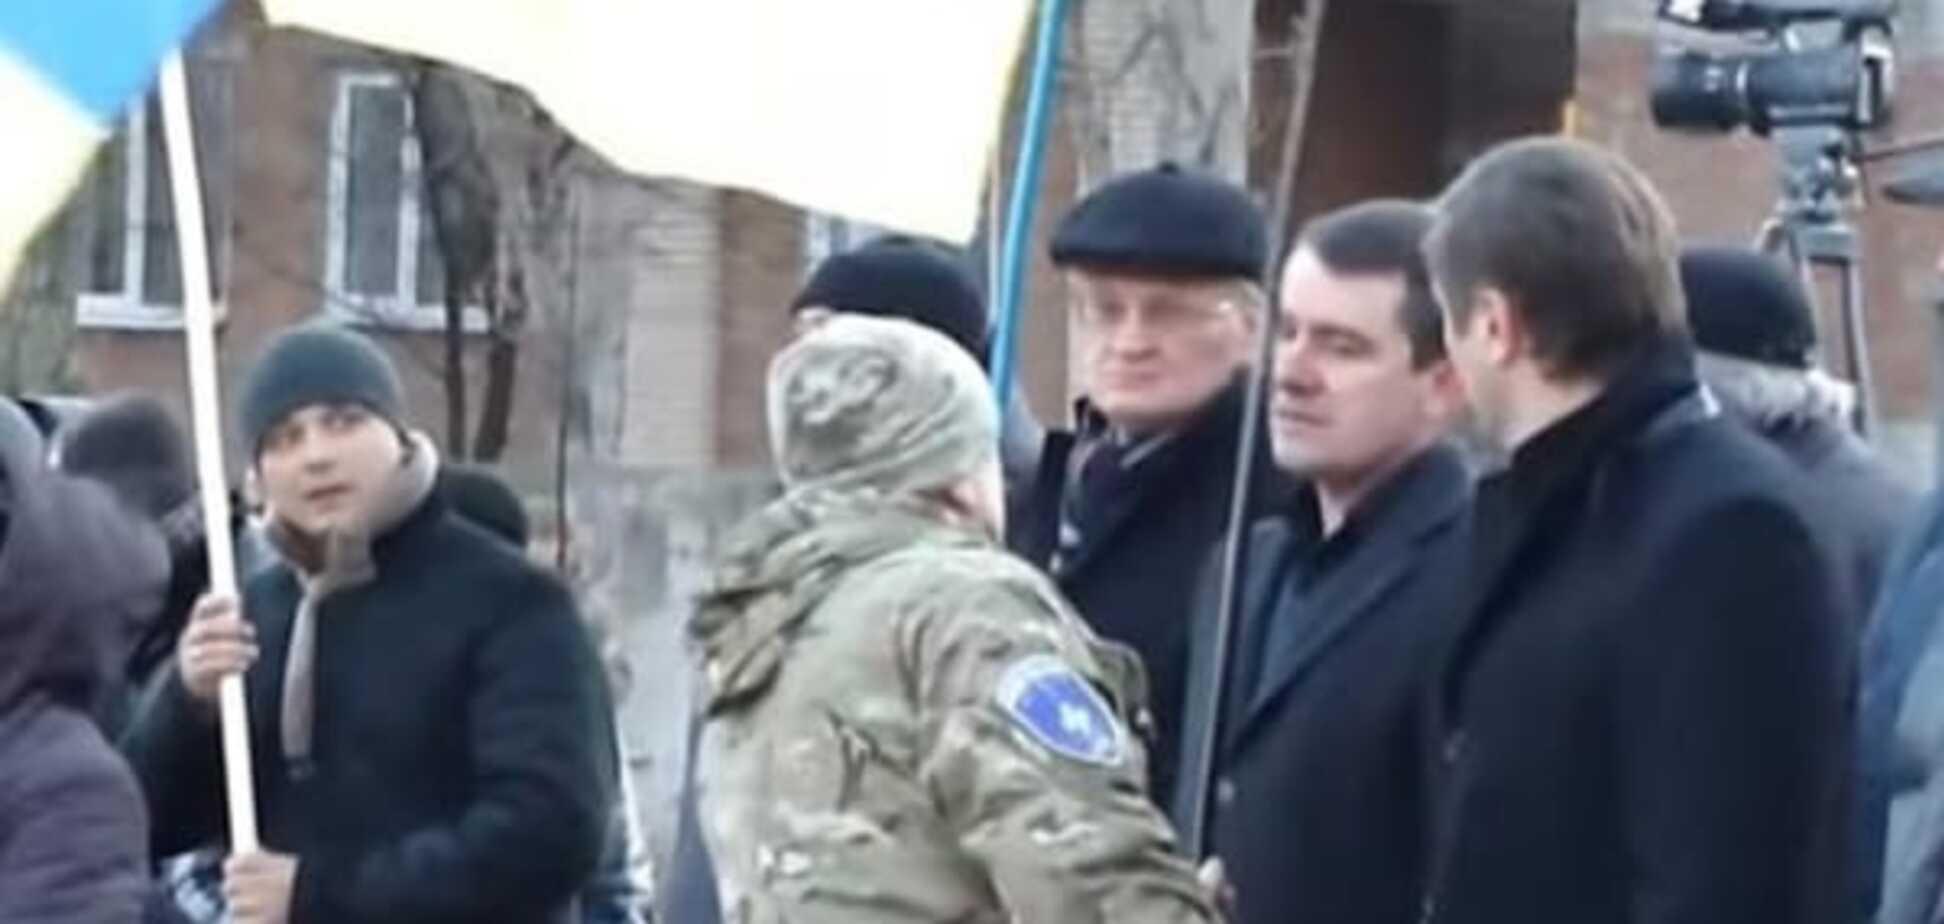 'Завтра вместо него еще чего всунете': мэр Славянска отказался от флага Украины. Видеофакт